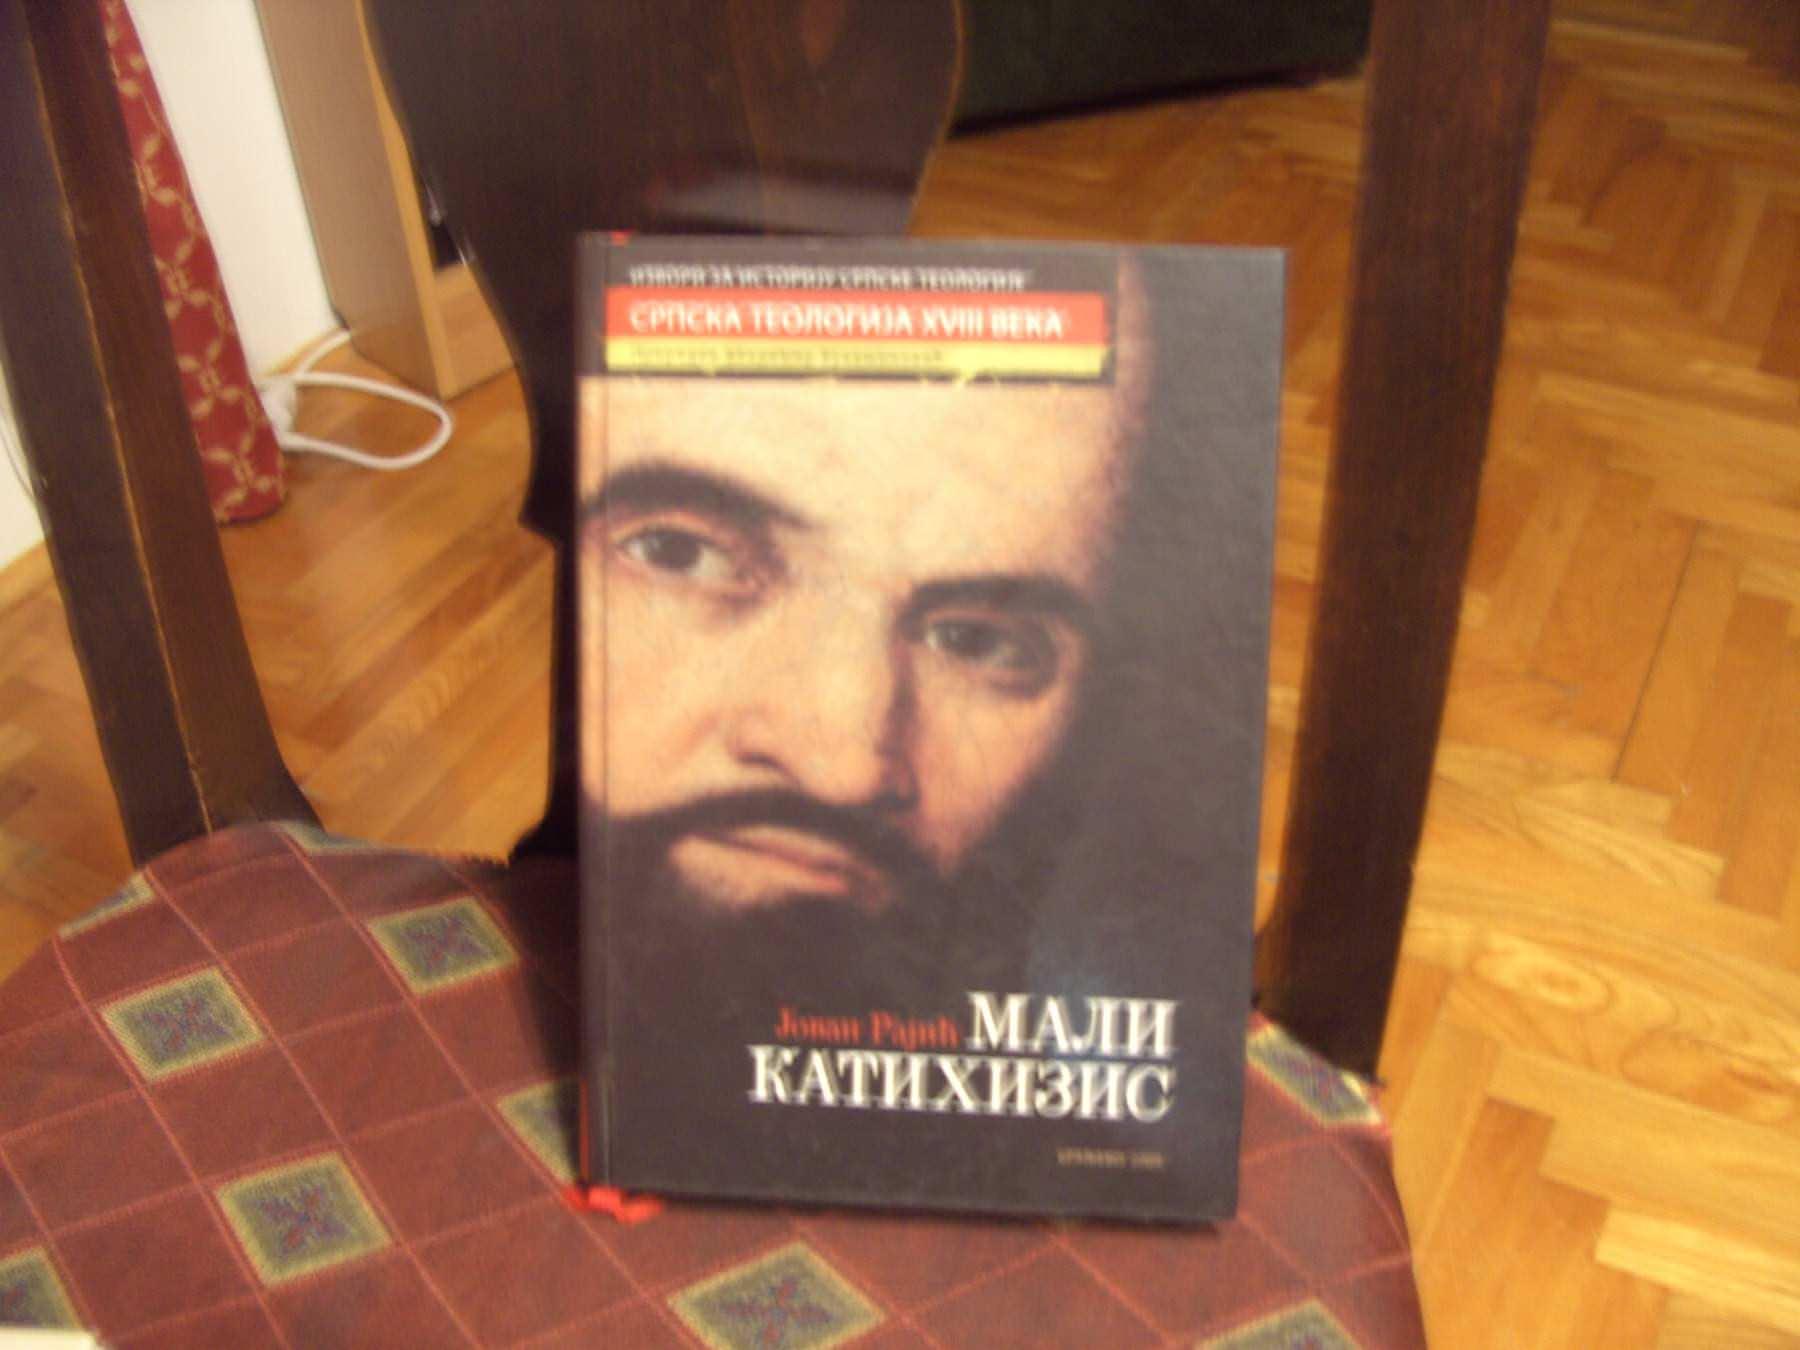 Mali katihizis, <b>Jovan Rajić</b> - Mali-katihizis-Jovan-Rajic_slika_O_7205485